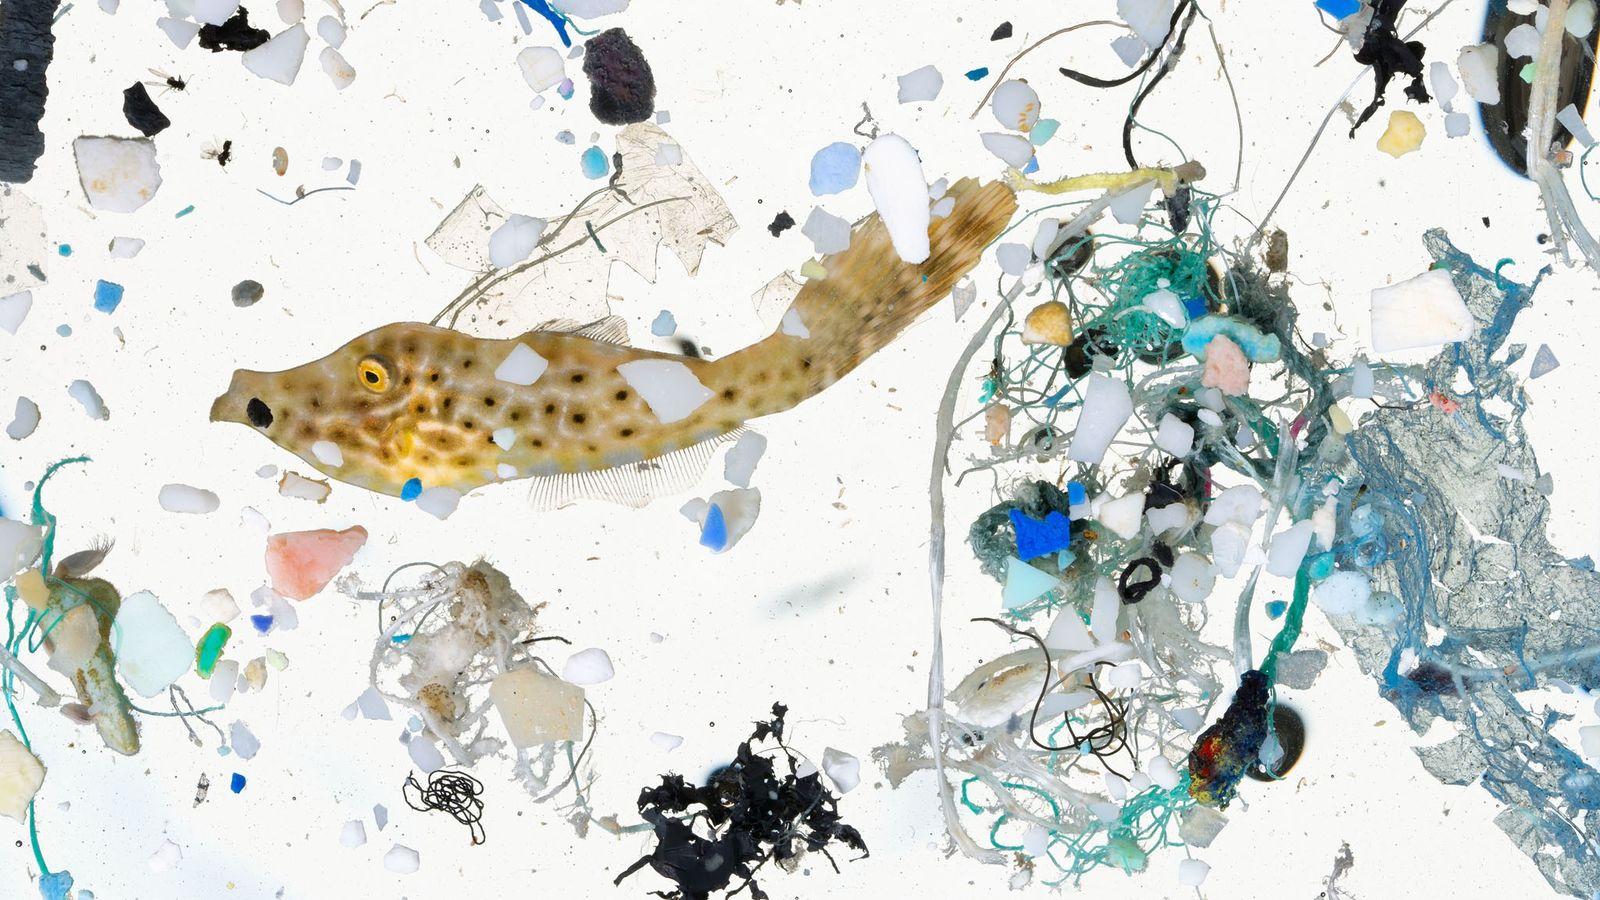 Dans les océans, les nappes huileuses naturelles offrent des aires de reproduction à nombre de poissons. ...